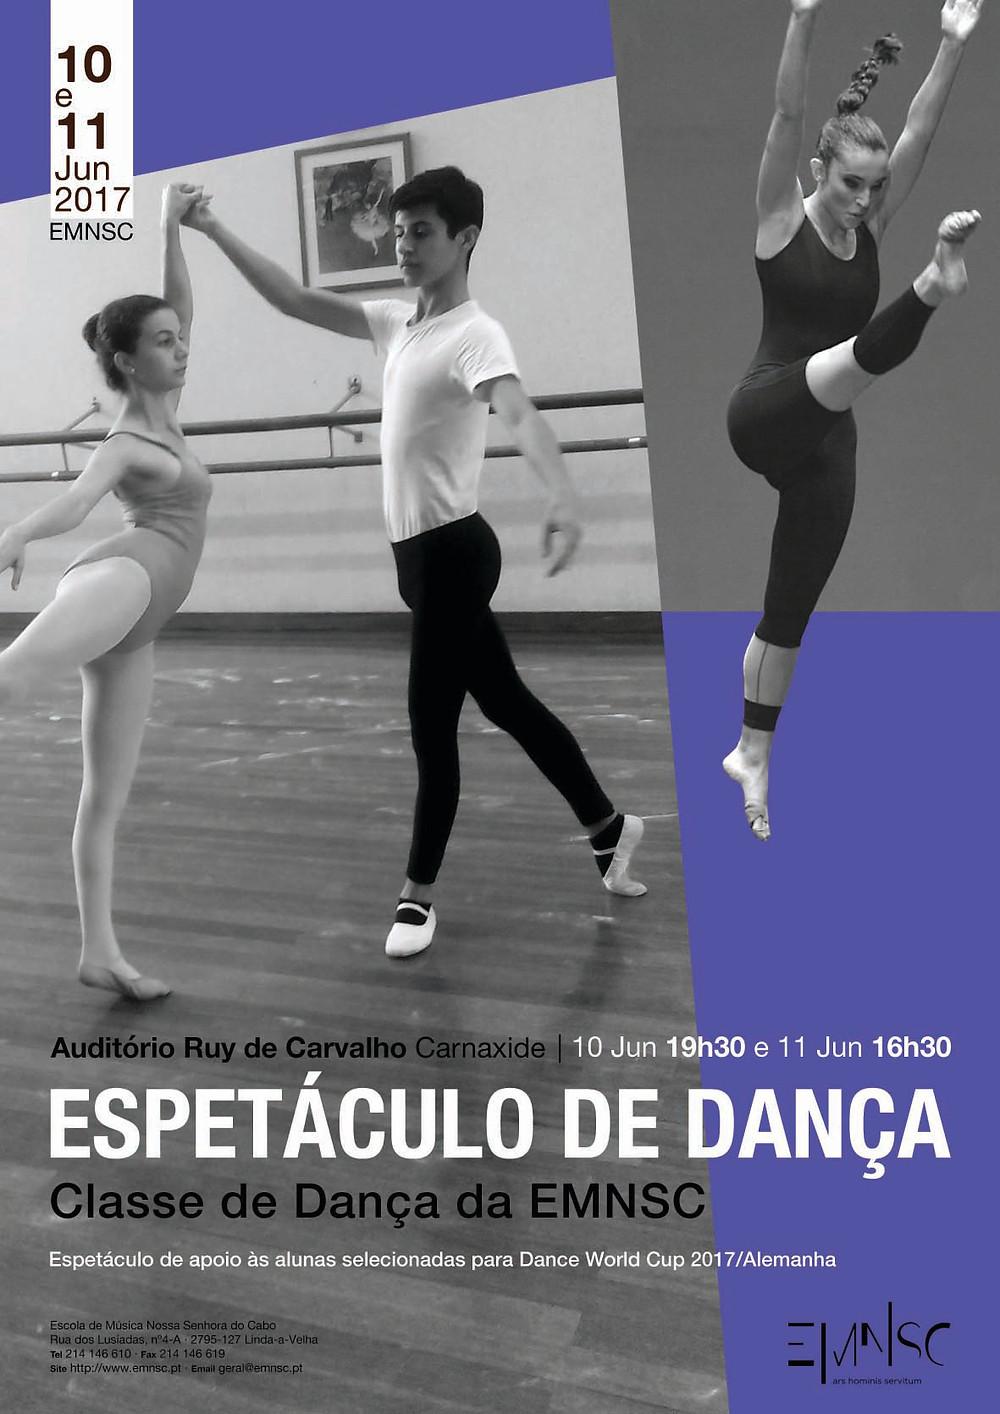 Espetáculo de Dança da EMNSC